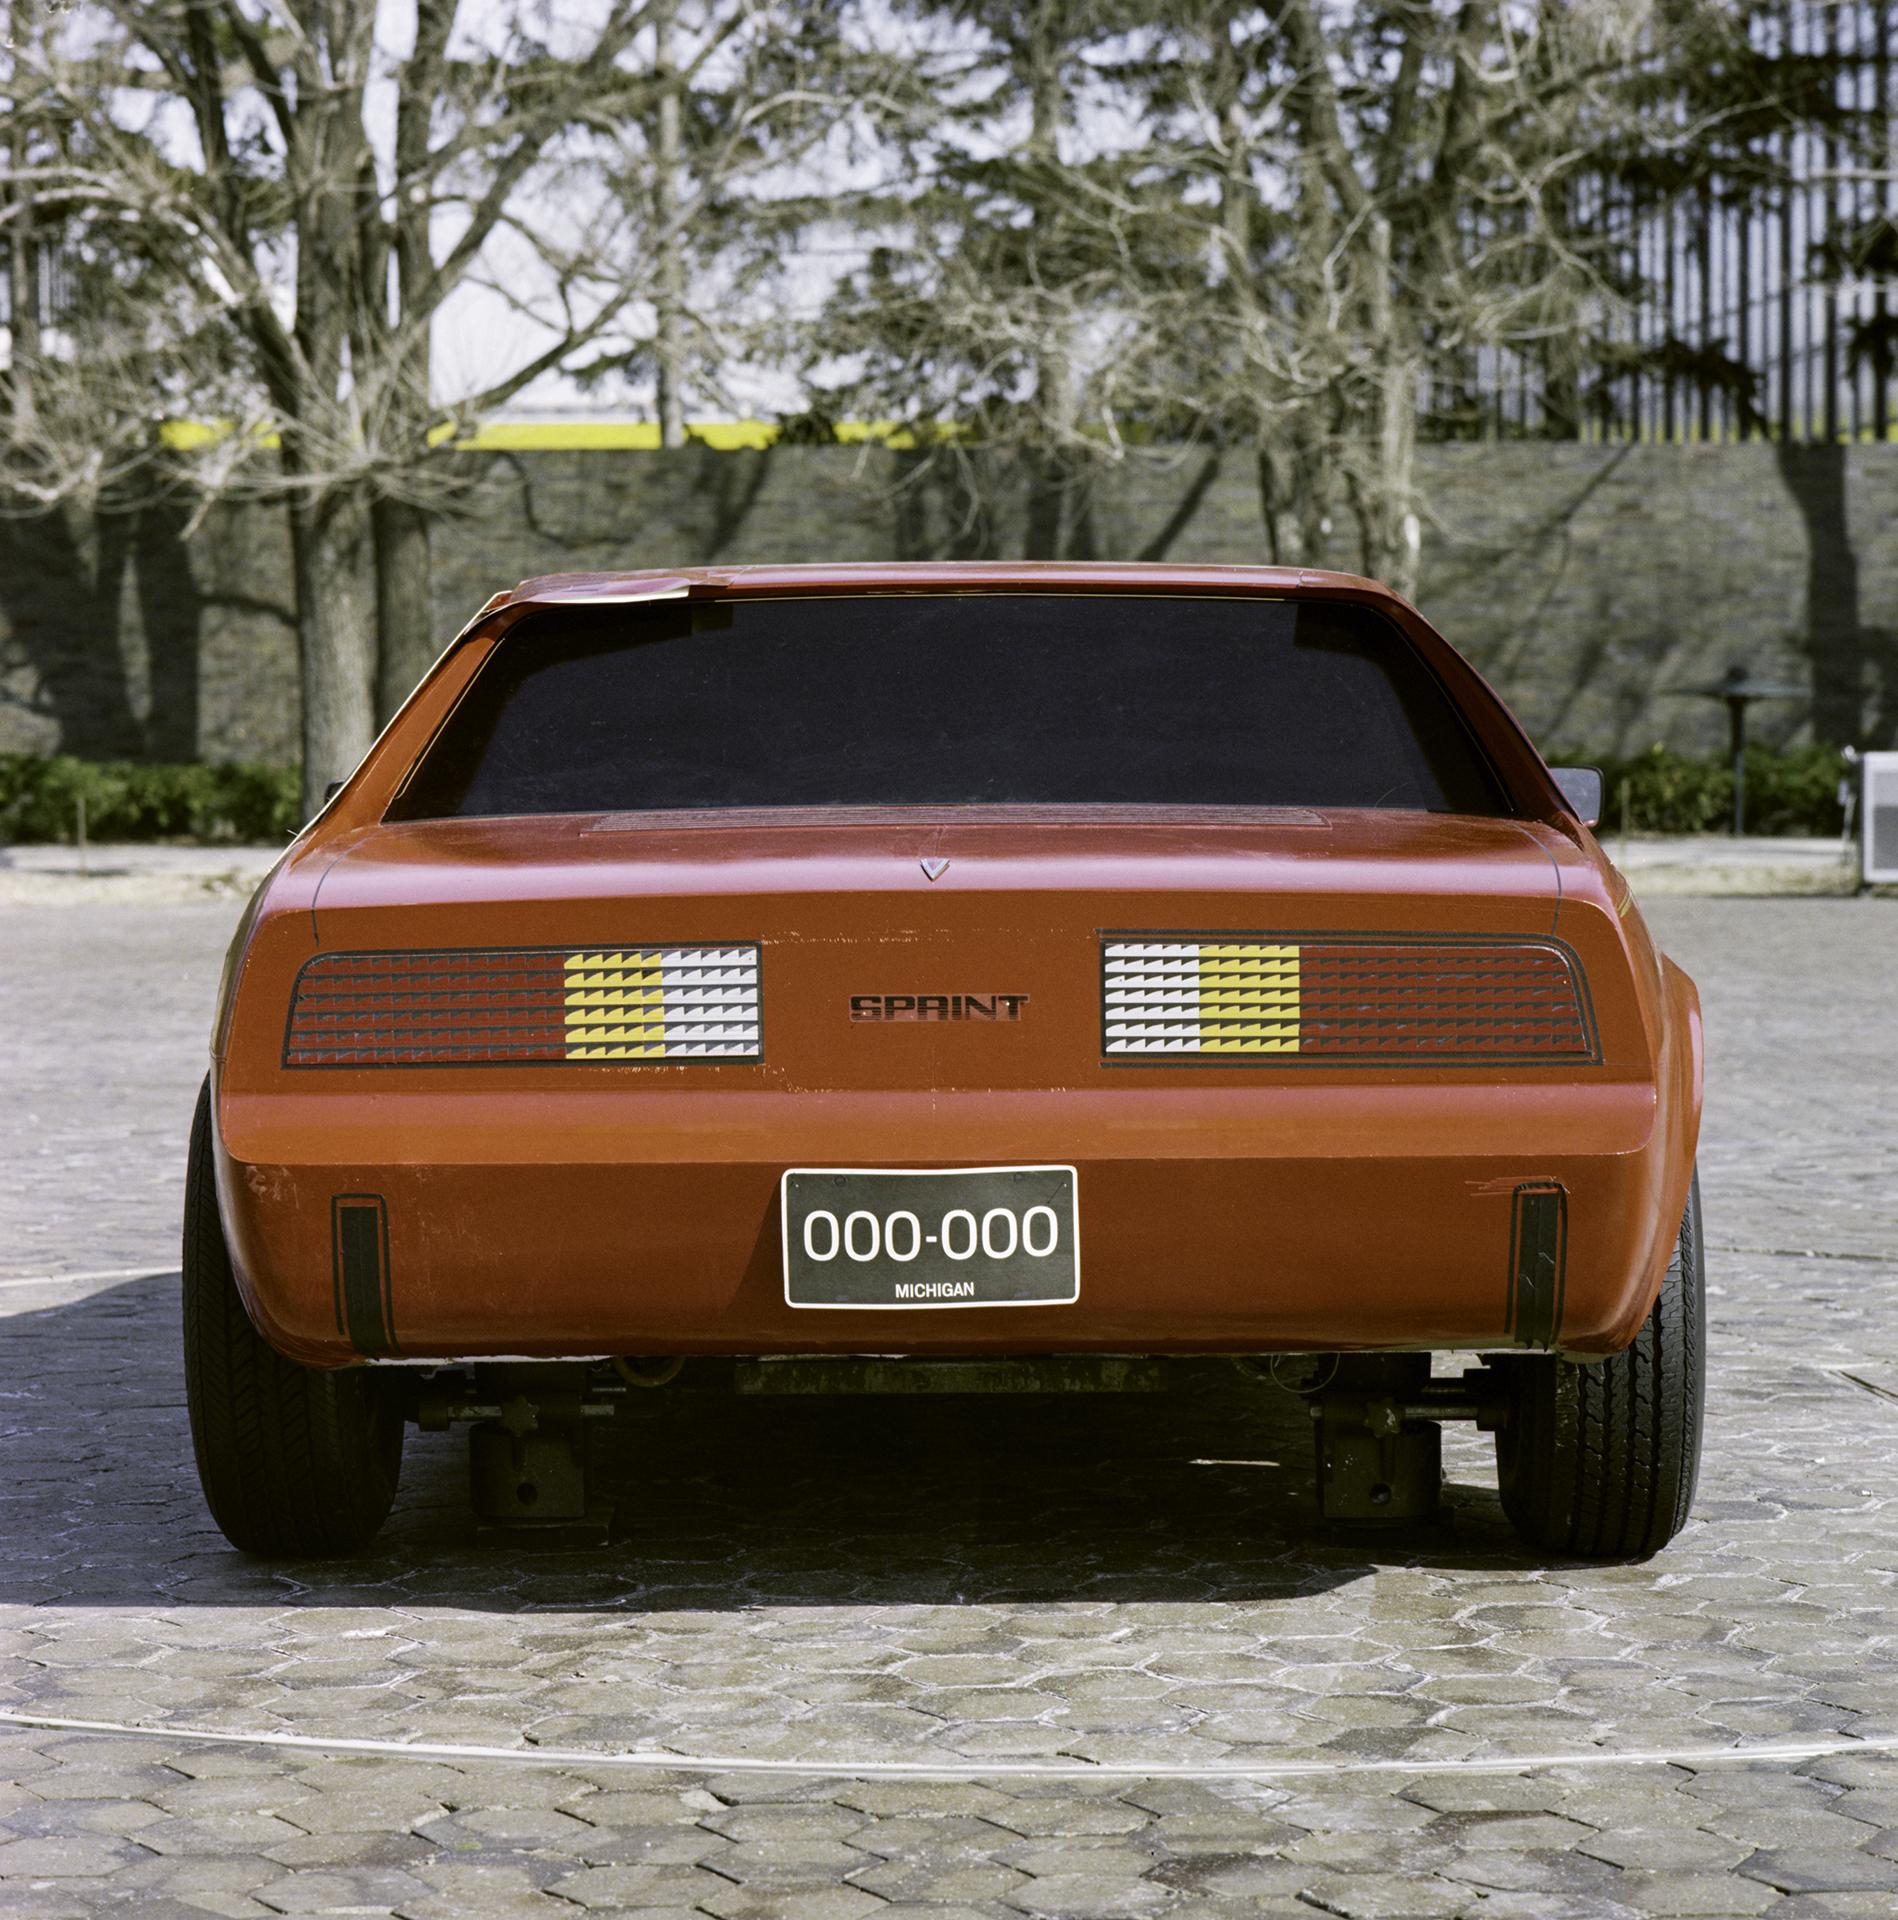 1984 Pontiac P body Fiero rear